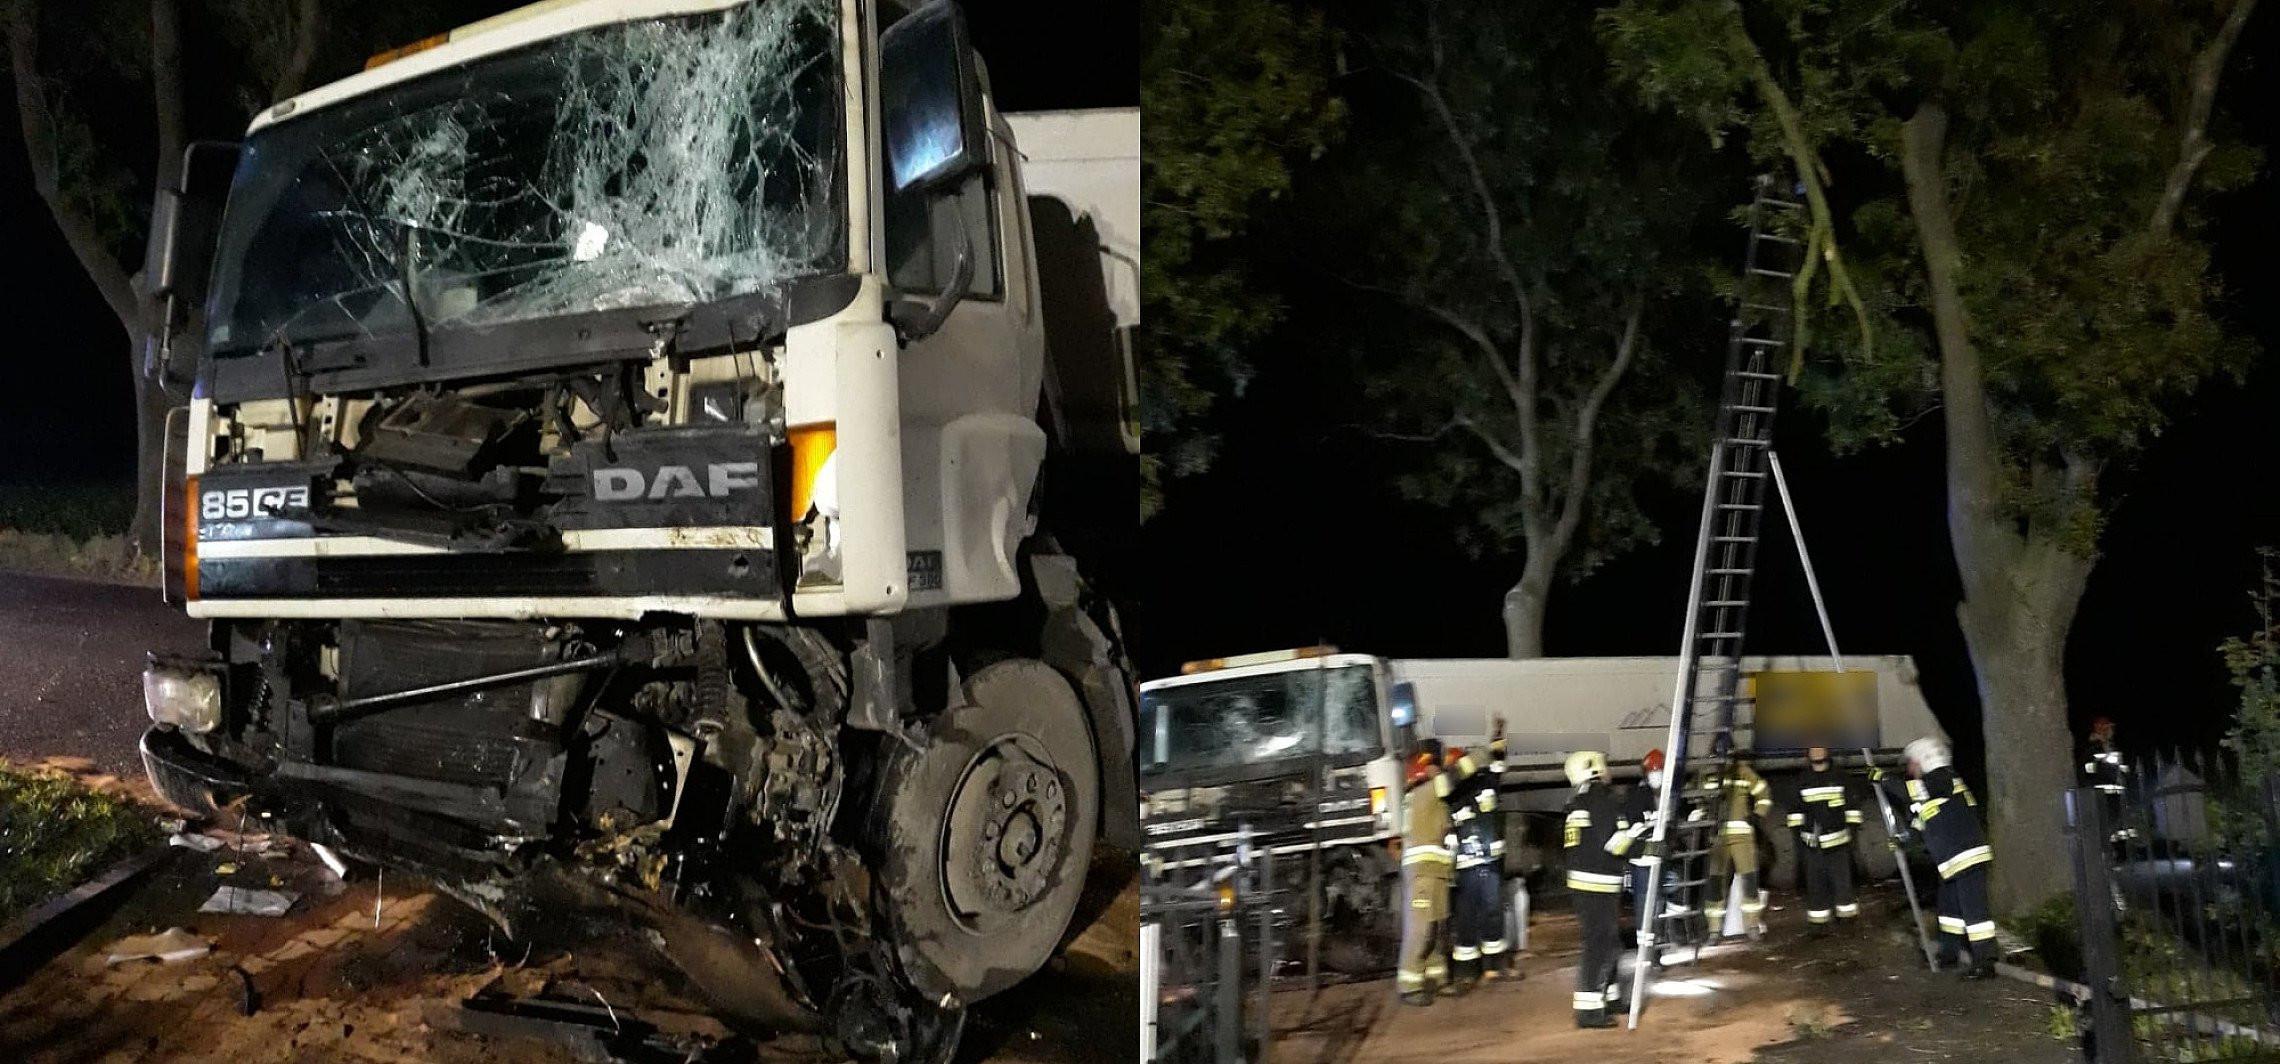 Kruszwica - Ciężarówka uderzyła w drzewo